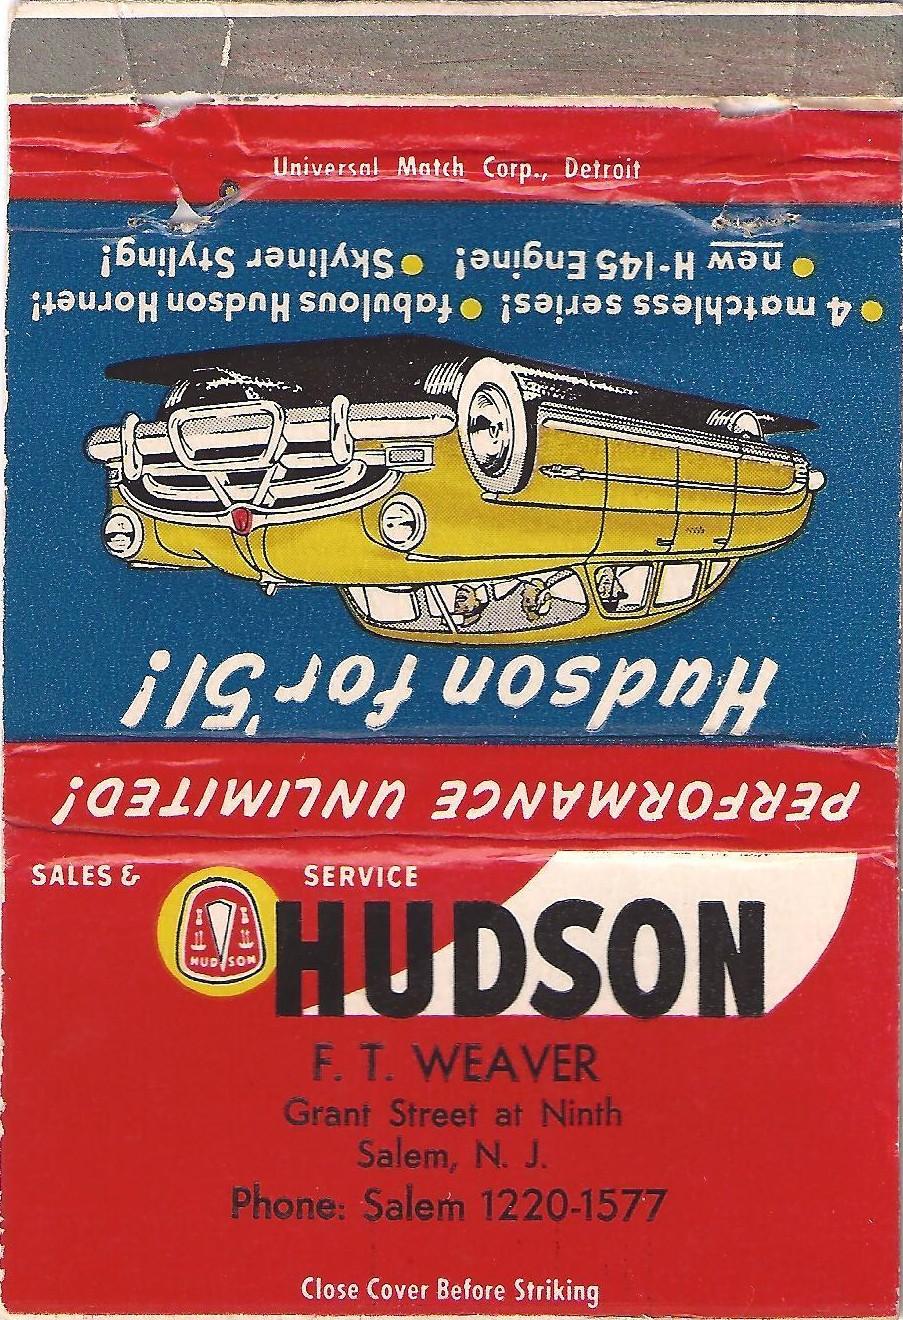 Hudson Motor car Company Dealerships N